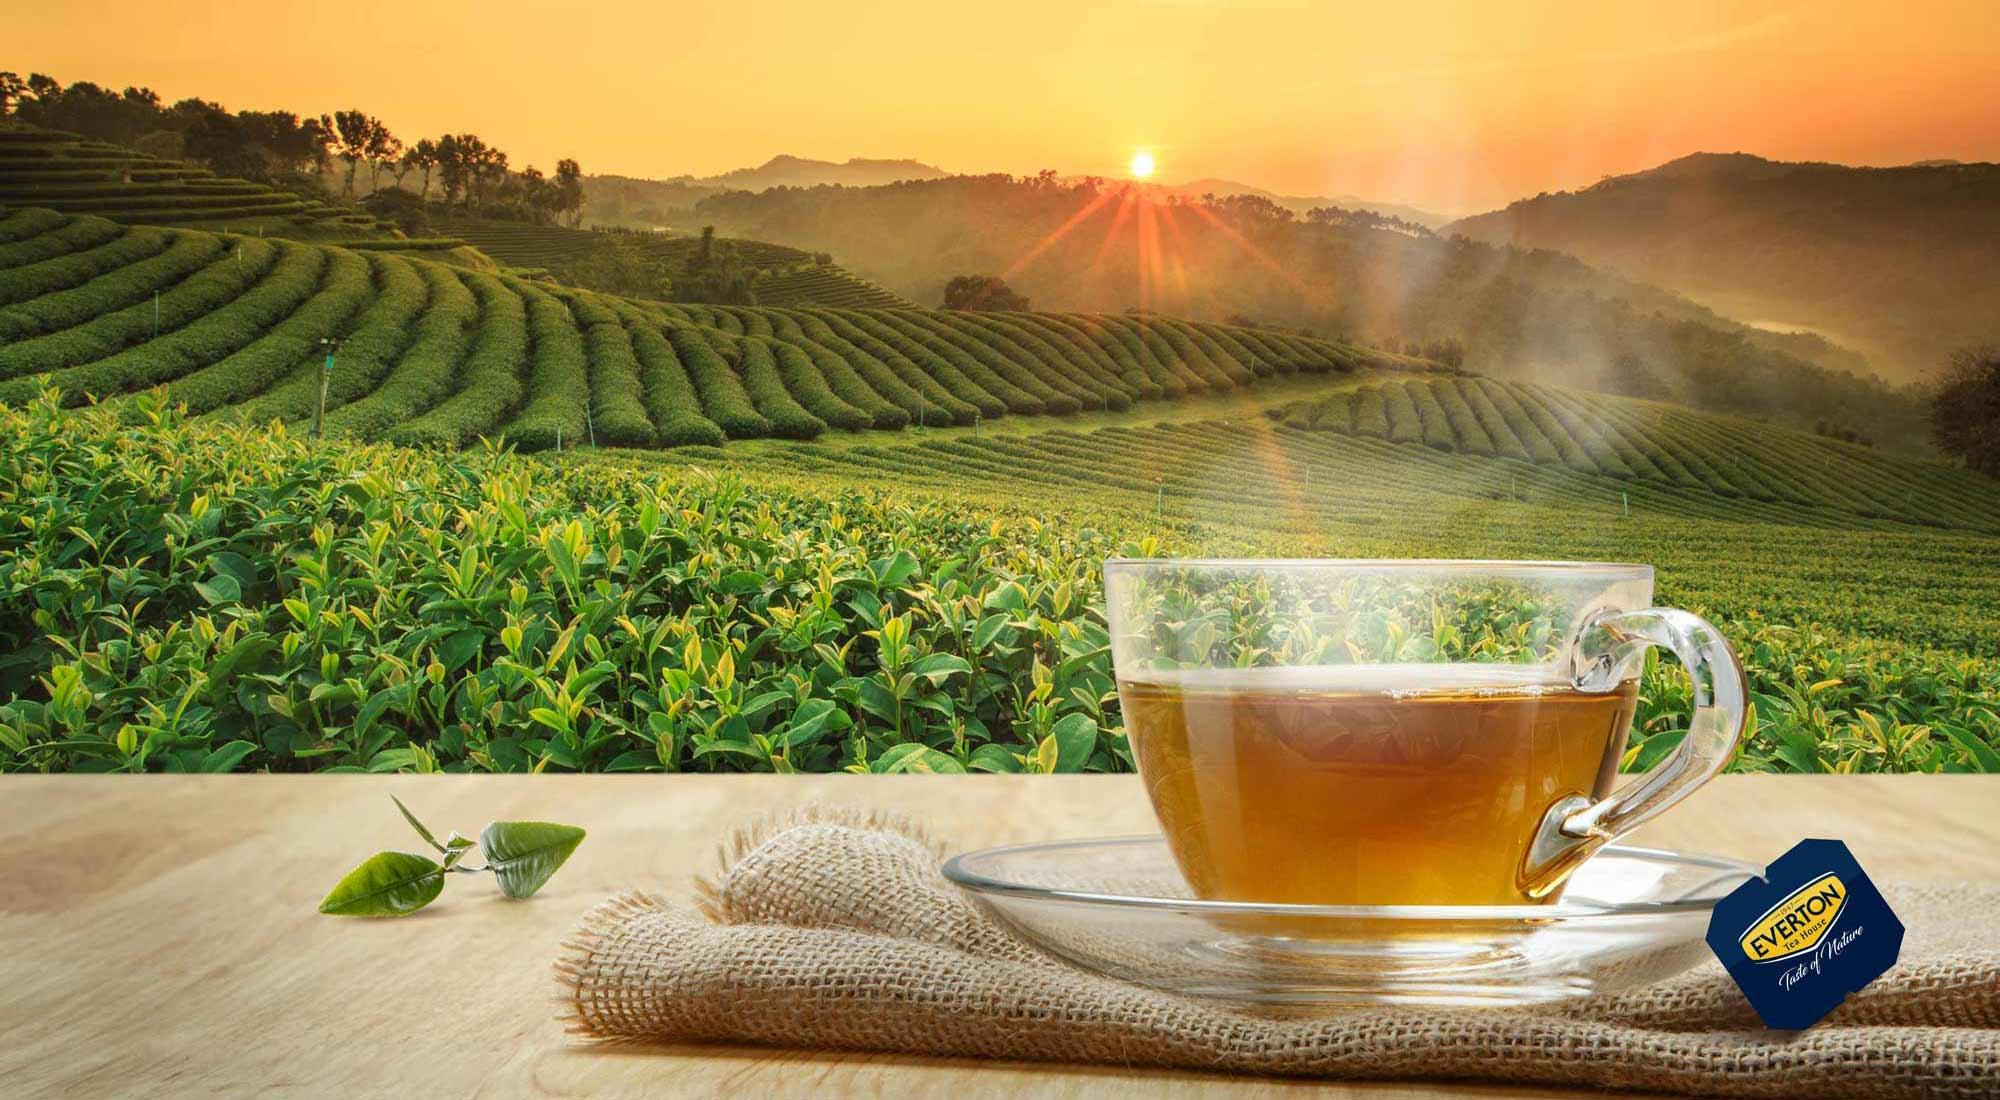 Il tè in Marocco? La ricetta dal tradizionale sapore di menta